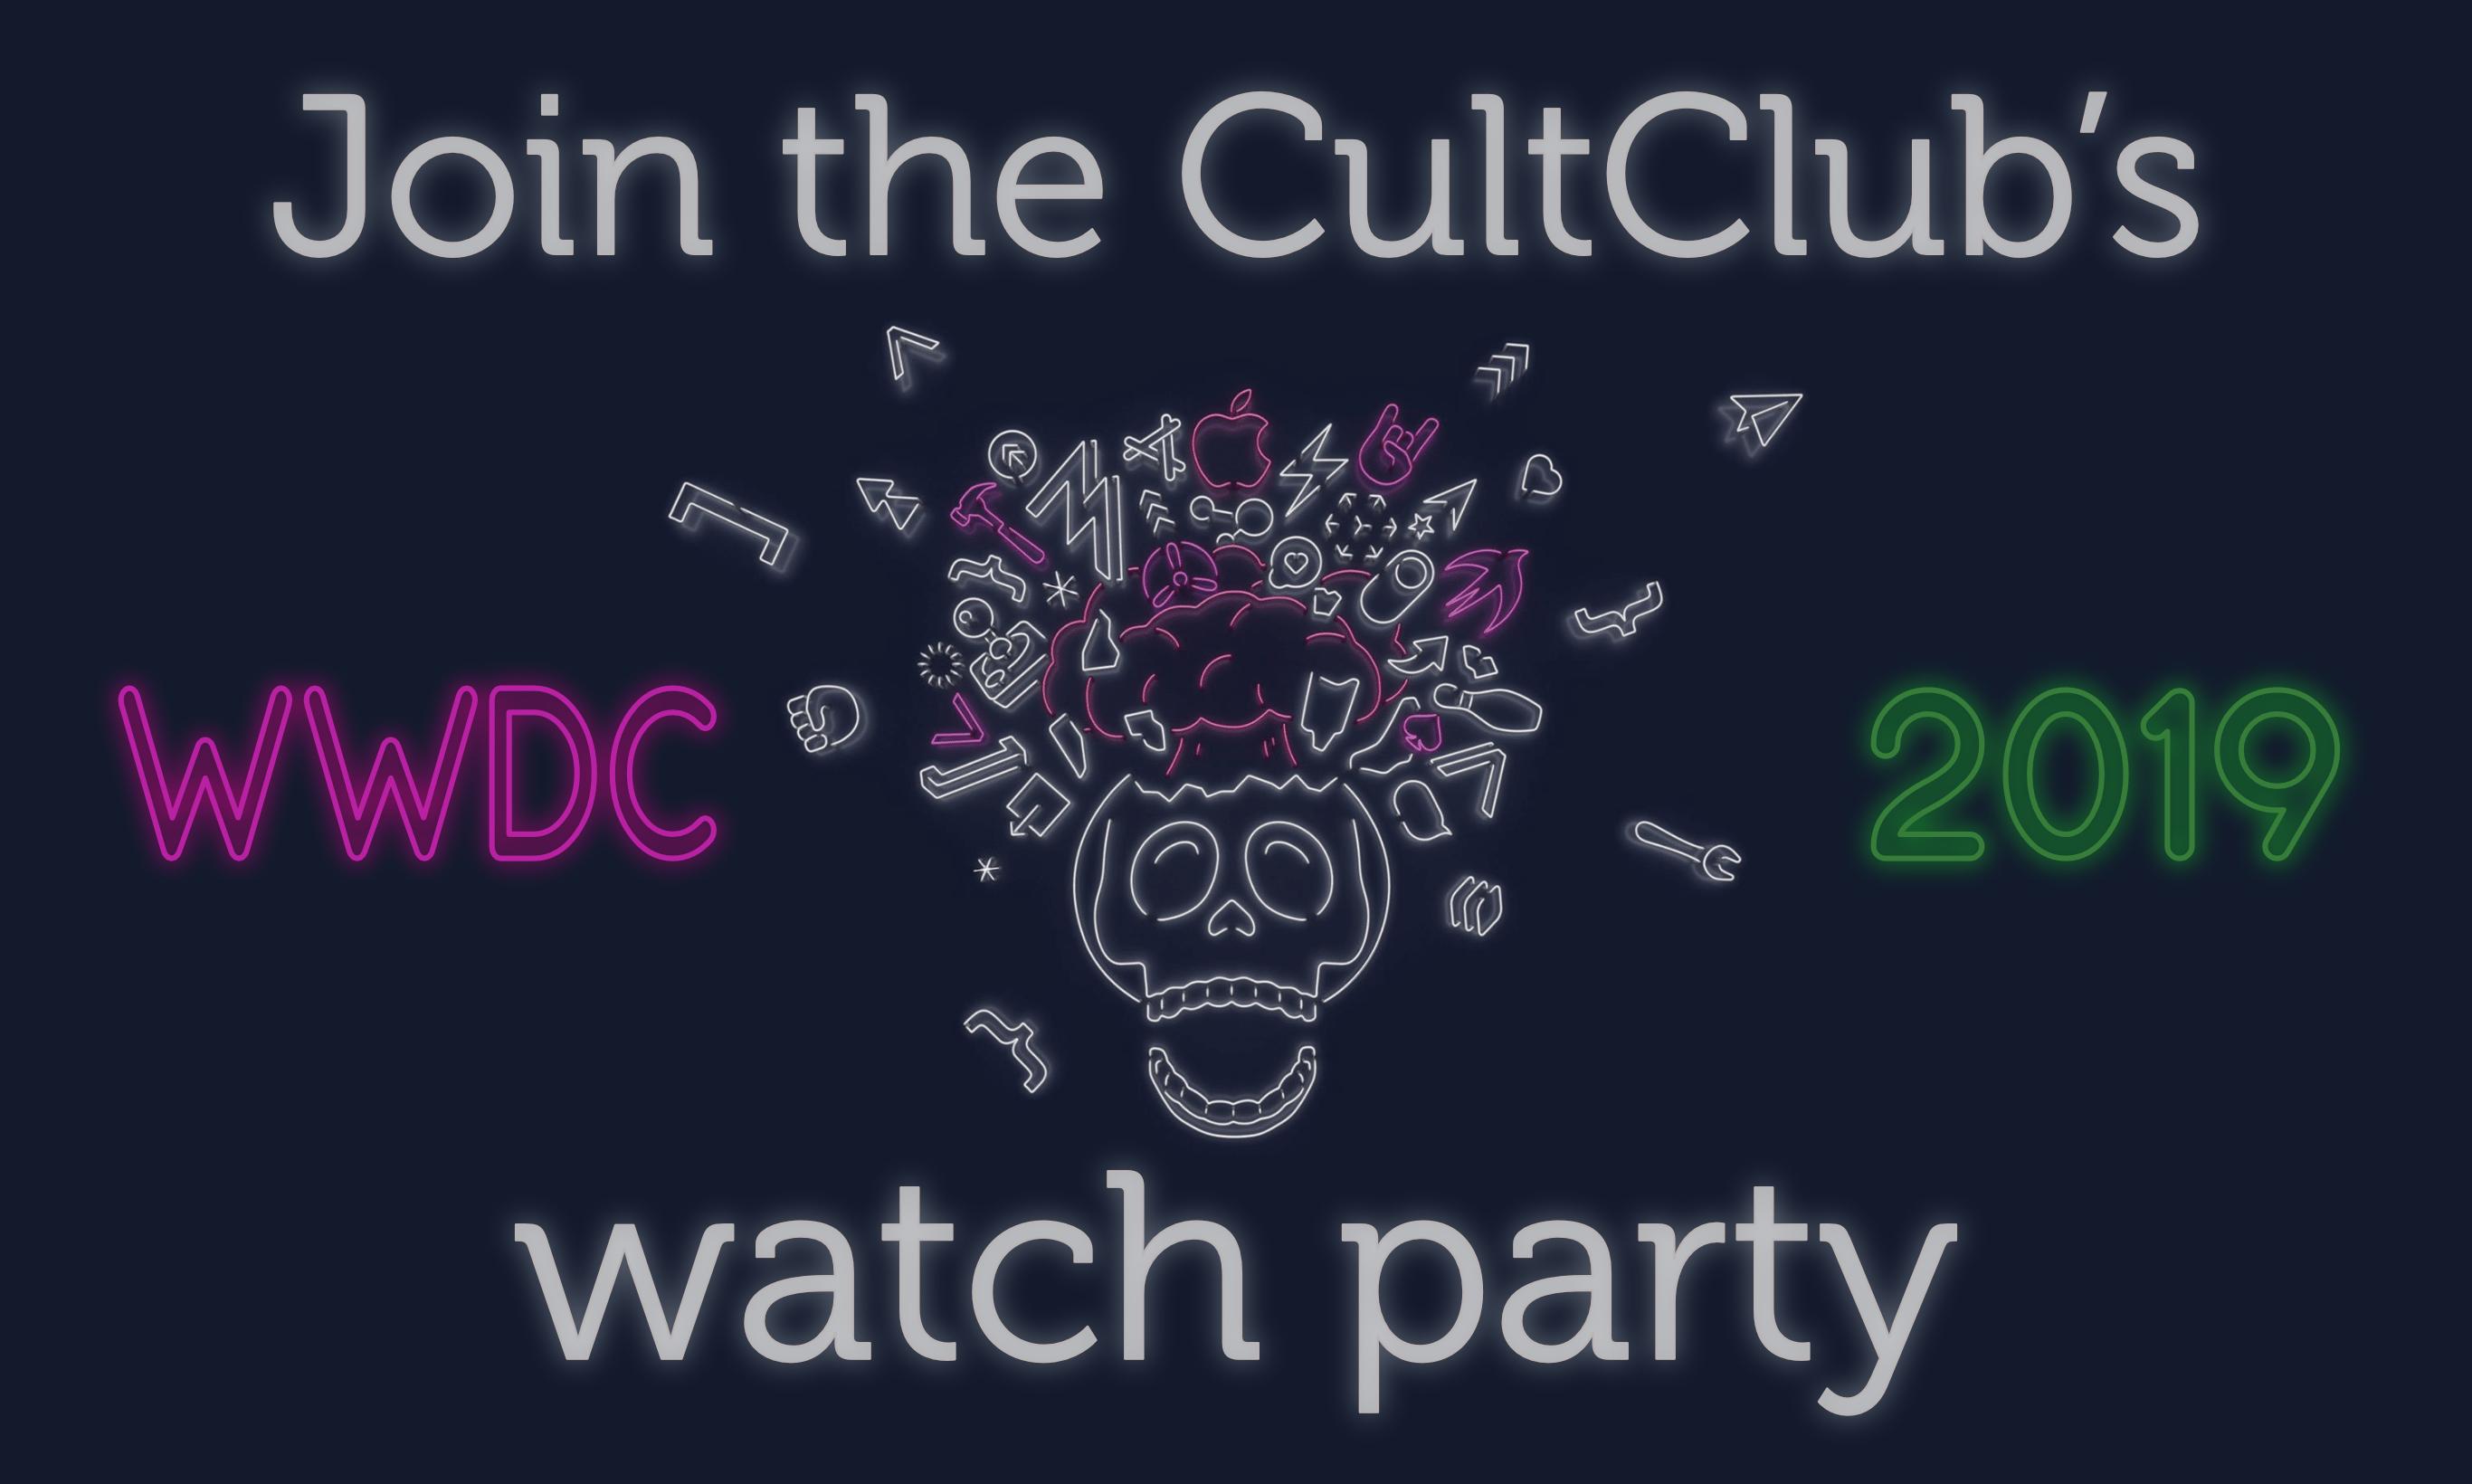 WWDC 2019 watch party